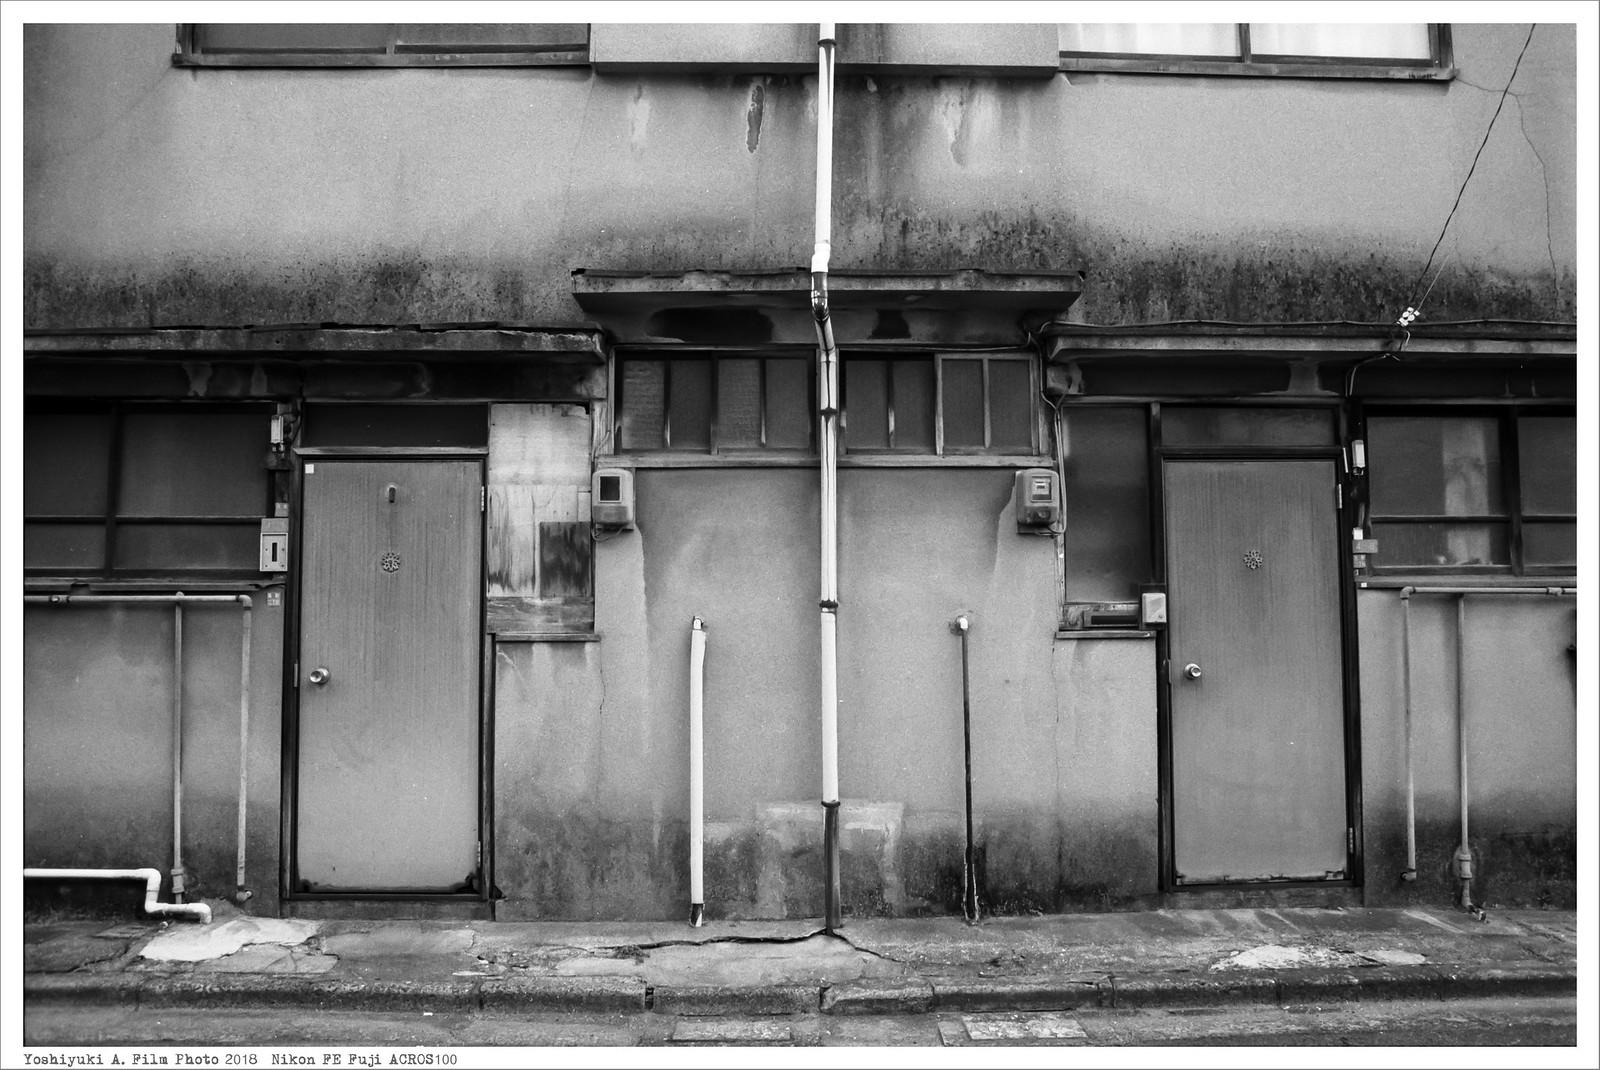 北九州市若松区 若松 Nikon_FE_Fuji_Acros100__51